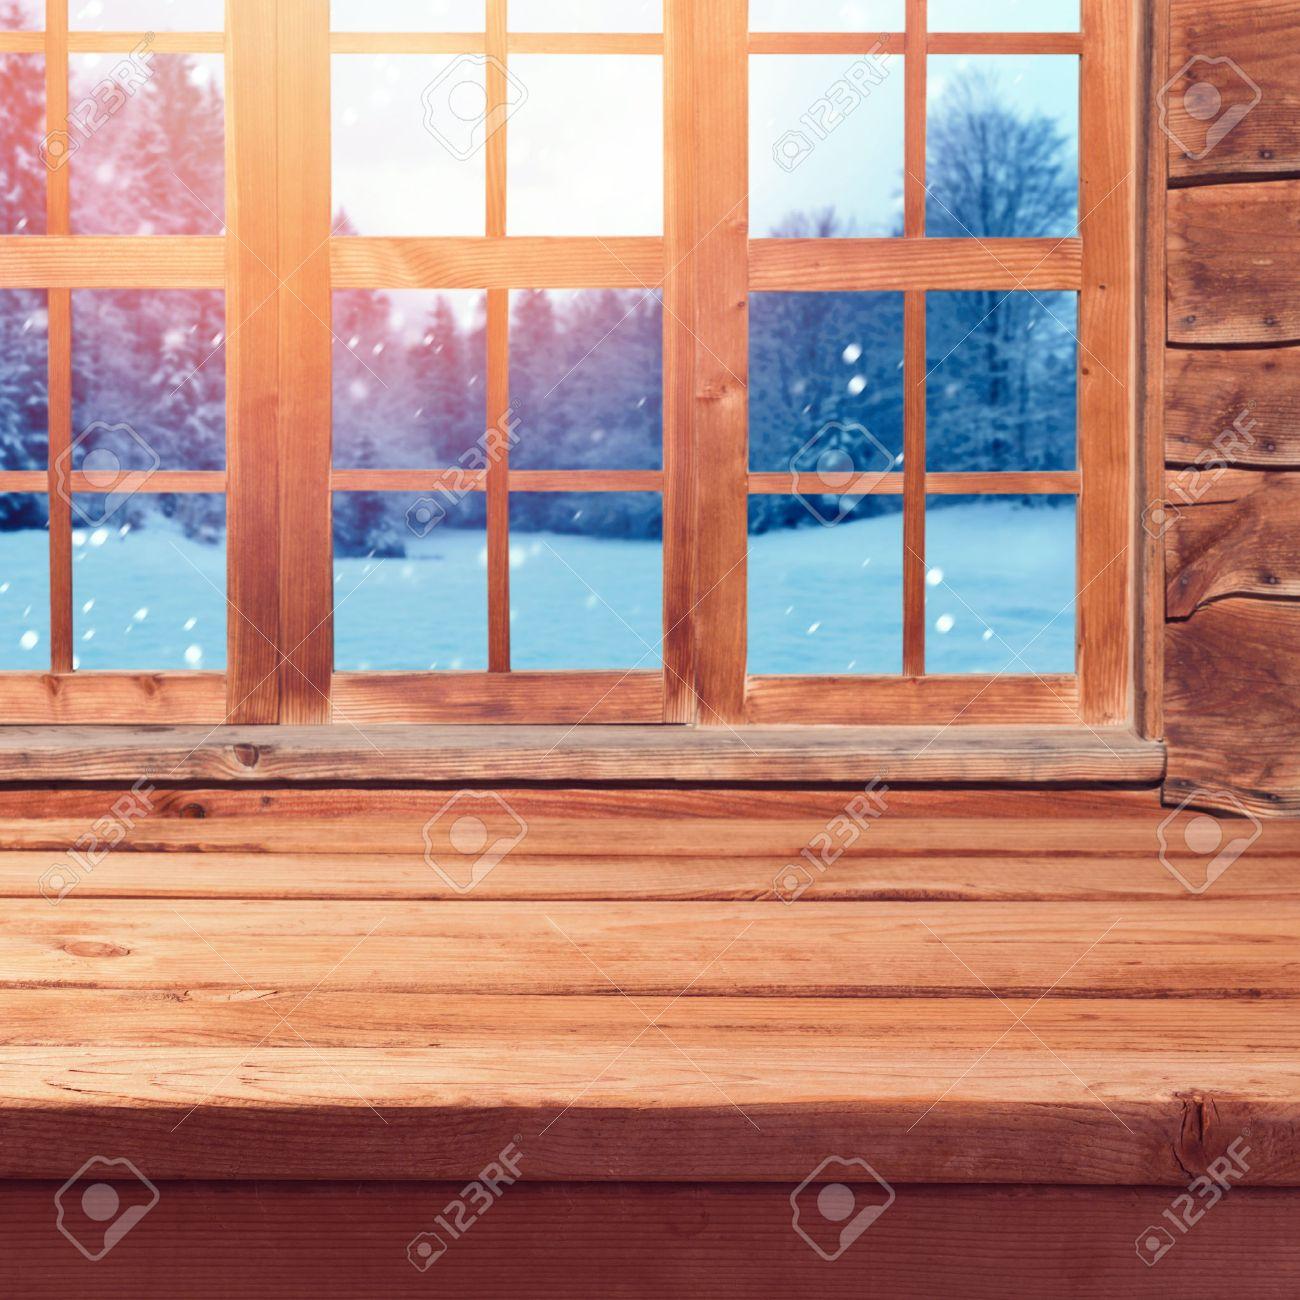 Weihnachten Hintergrund Mit Hölzernen Leere Tabelle über Fenster Und ...